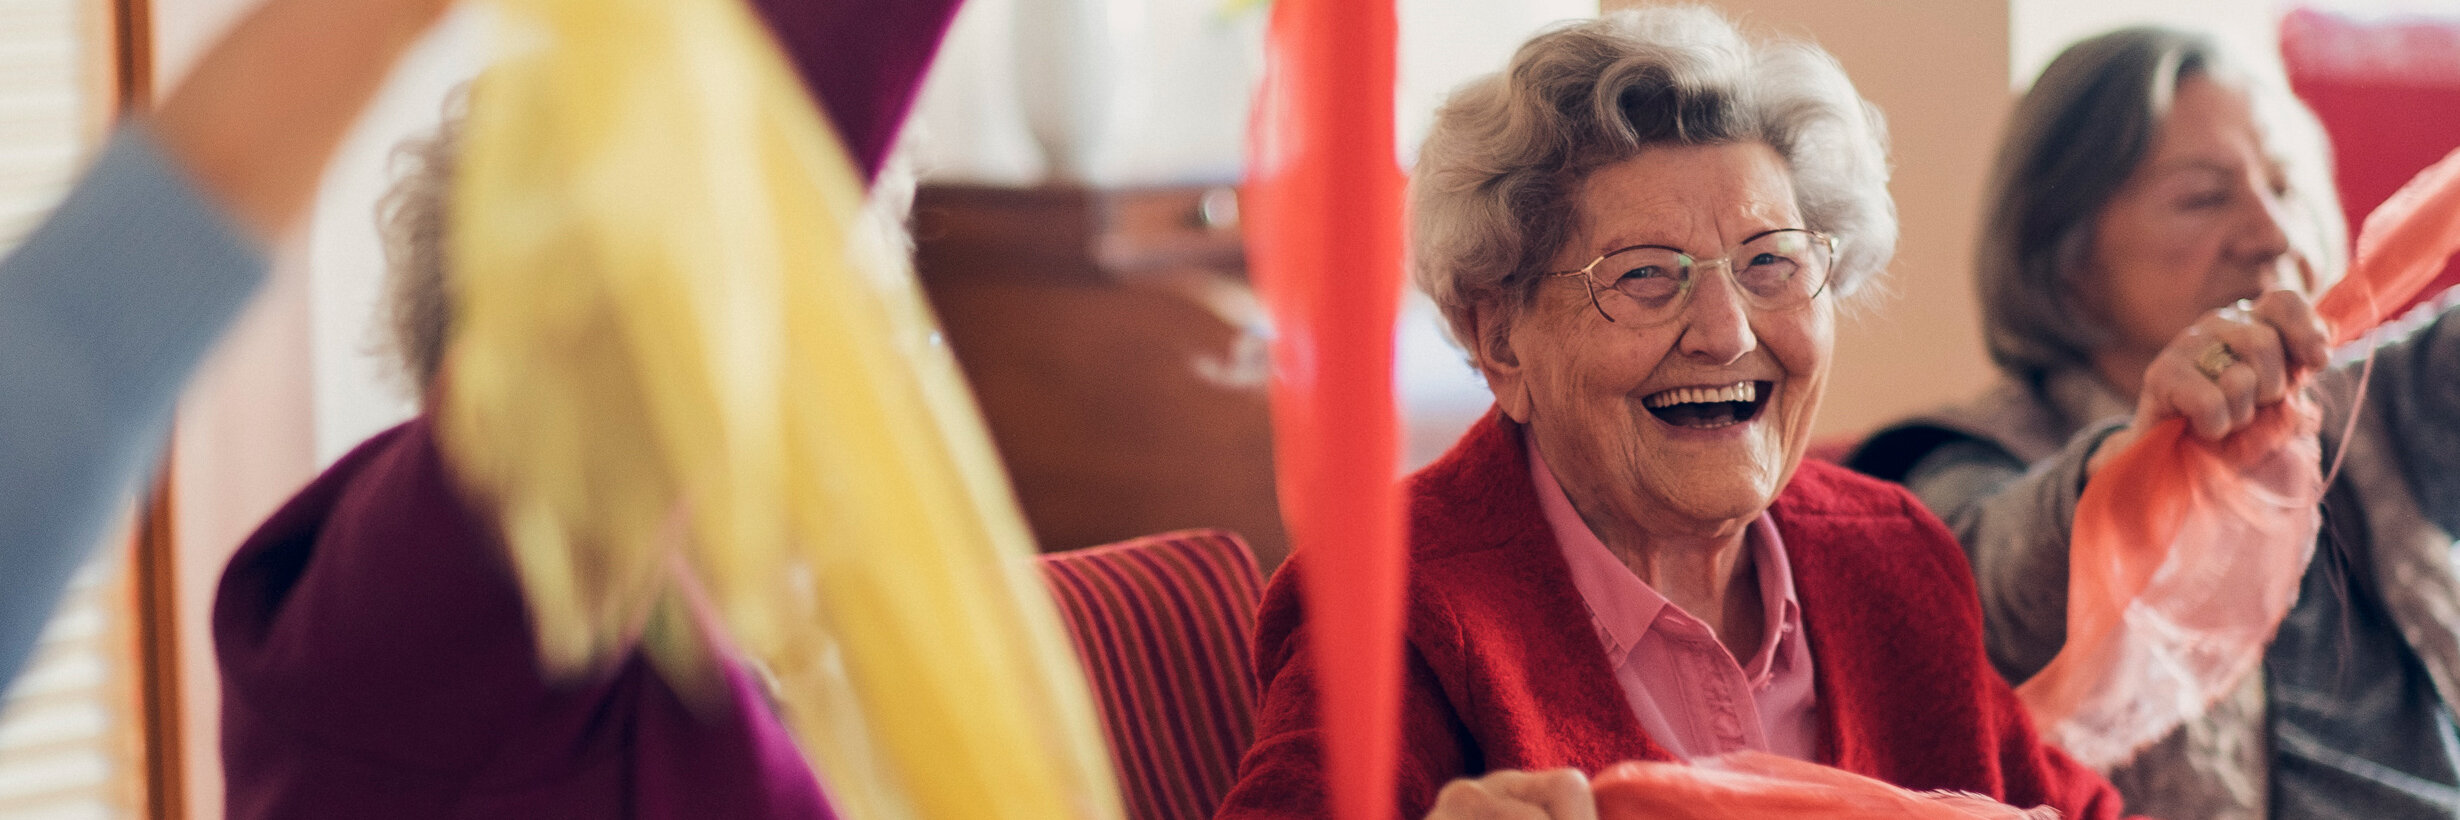 Lachende auf dem Stuhl sitzende Seniorinnen bewegen sich spielend mit einem bunten Tuch